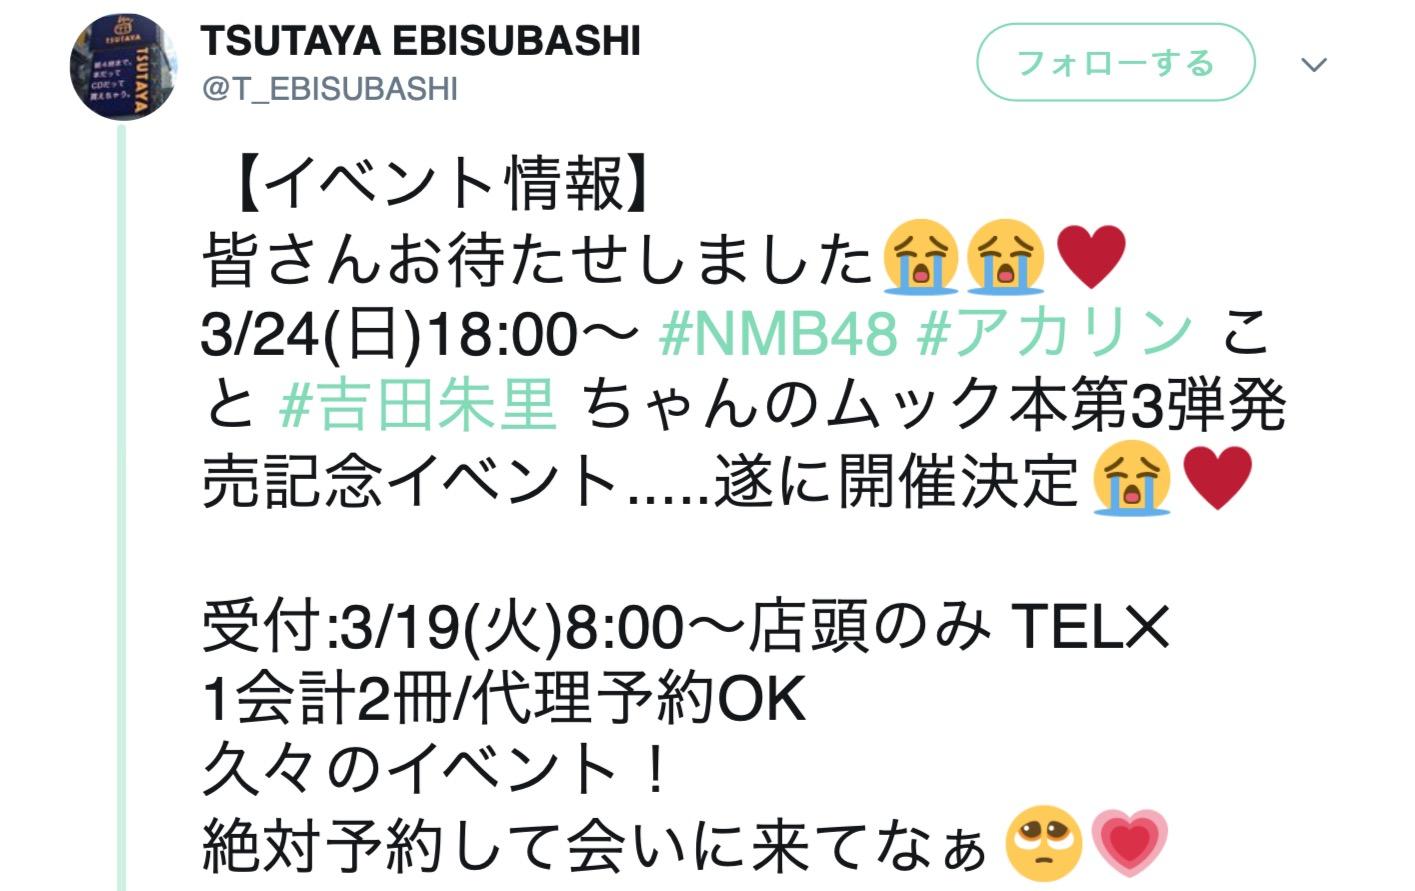 【吉田朱里】アカリンのムック本第3弾の発売記念握手&お渡し会が3/24にTSUTAYA EBISUBASHI で開催